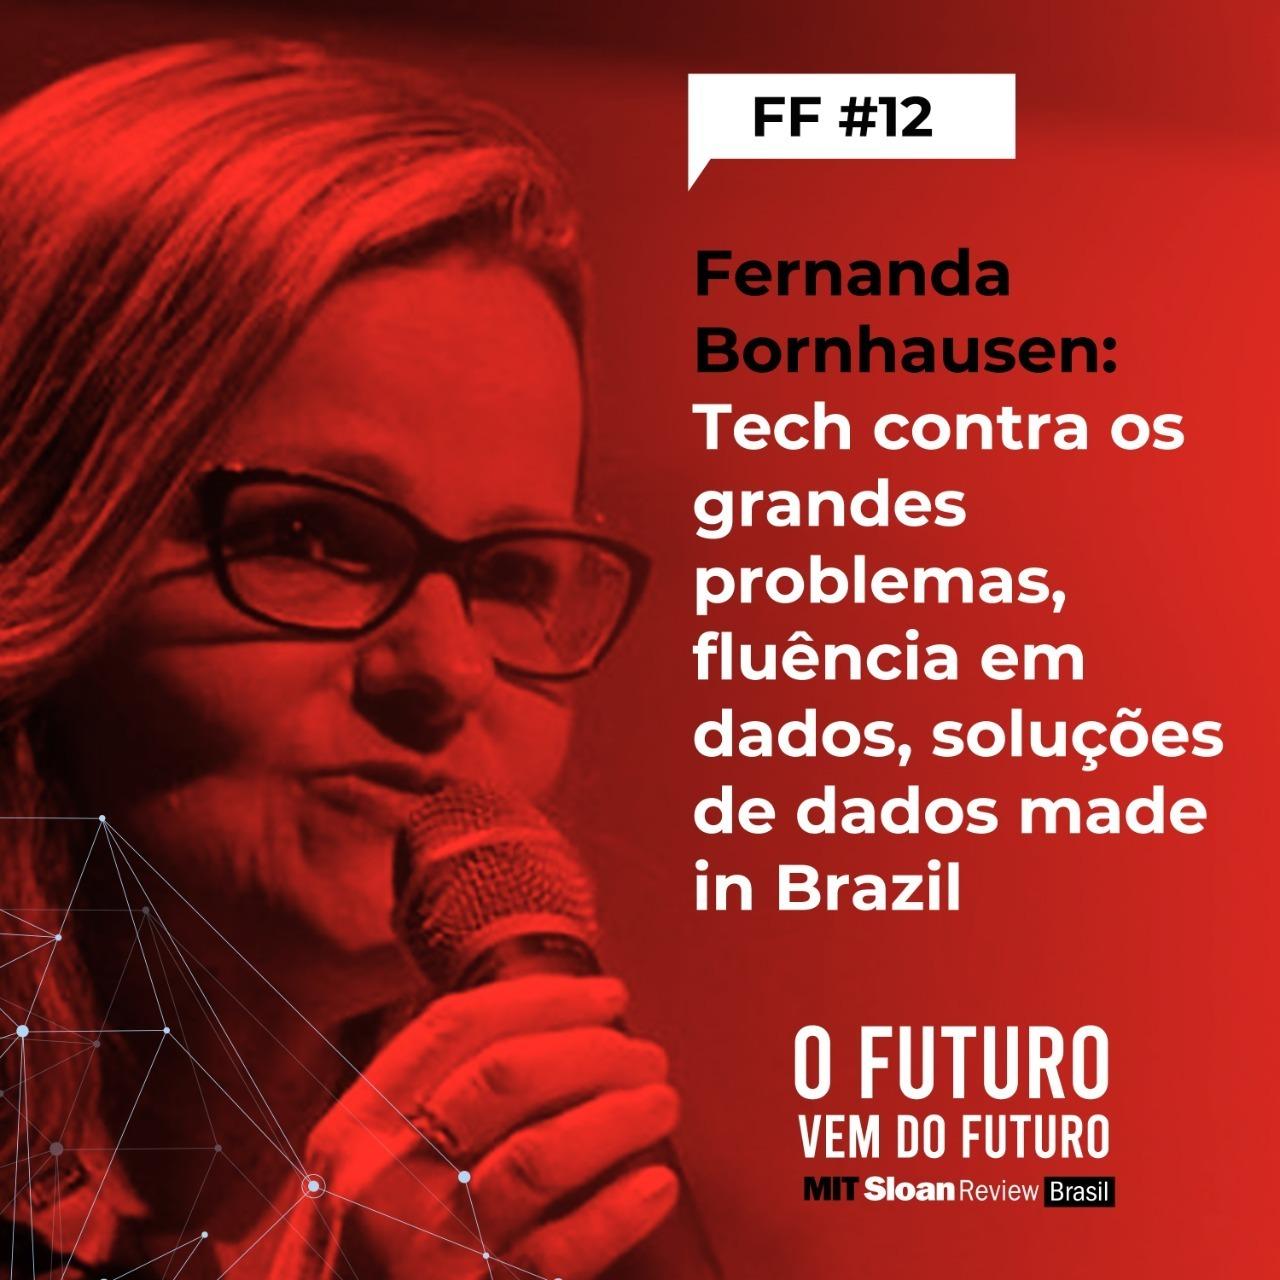 #FFS01E12 - Fernanda Bornhausen: Tech contra os grandes problemas, fluência em dados, soluções de dados made in Brazil